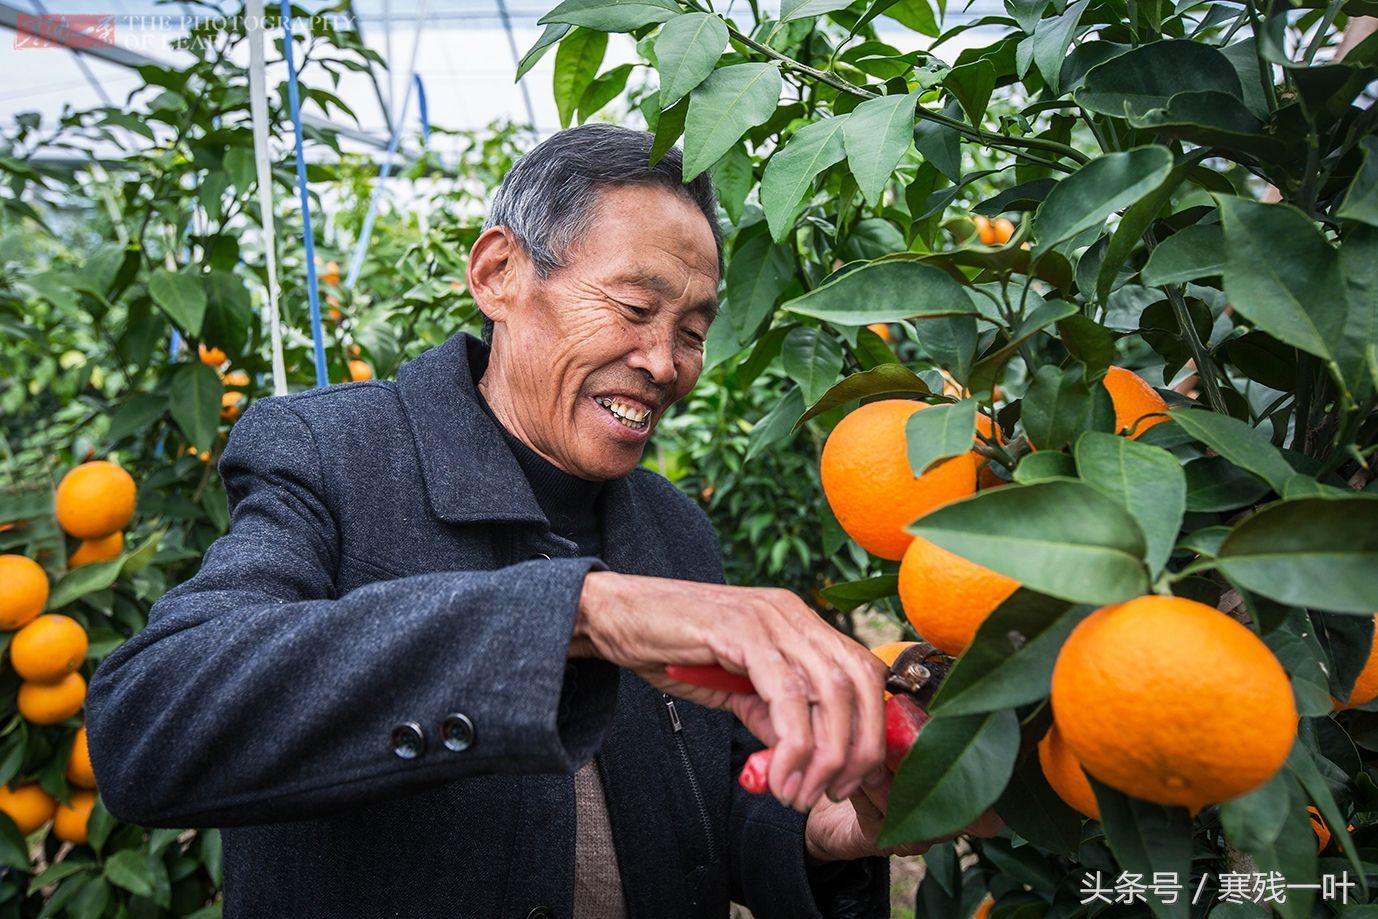 农民大爷住山上3年,培育极品柑橘迎来大丰收,20元一个